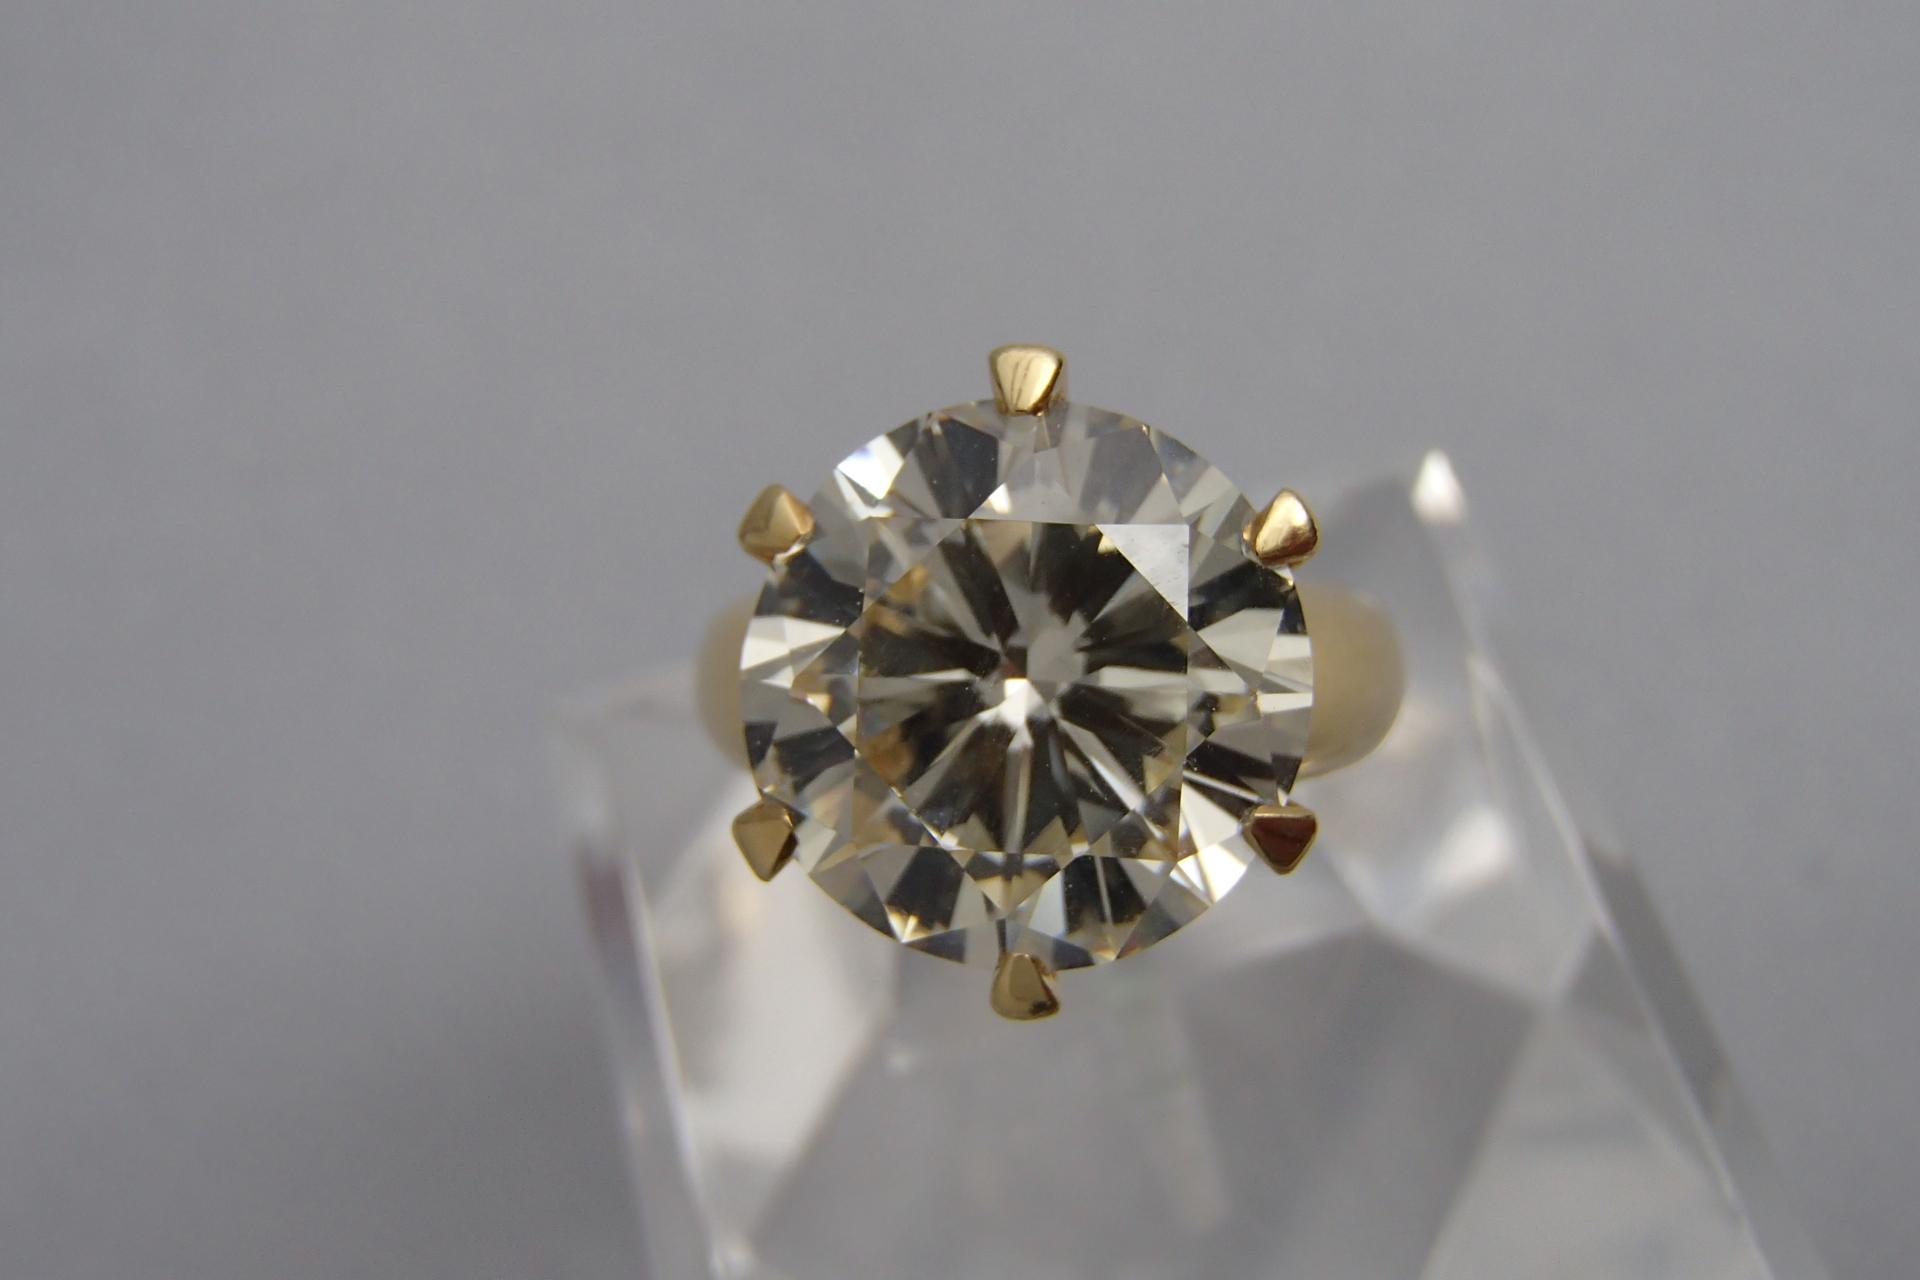 良質なダイヤモンドの選び方を徹底公開